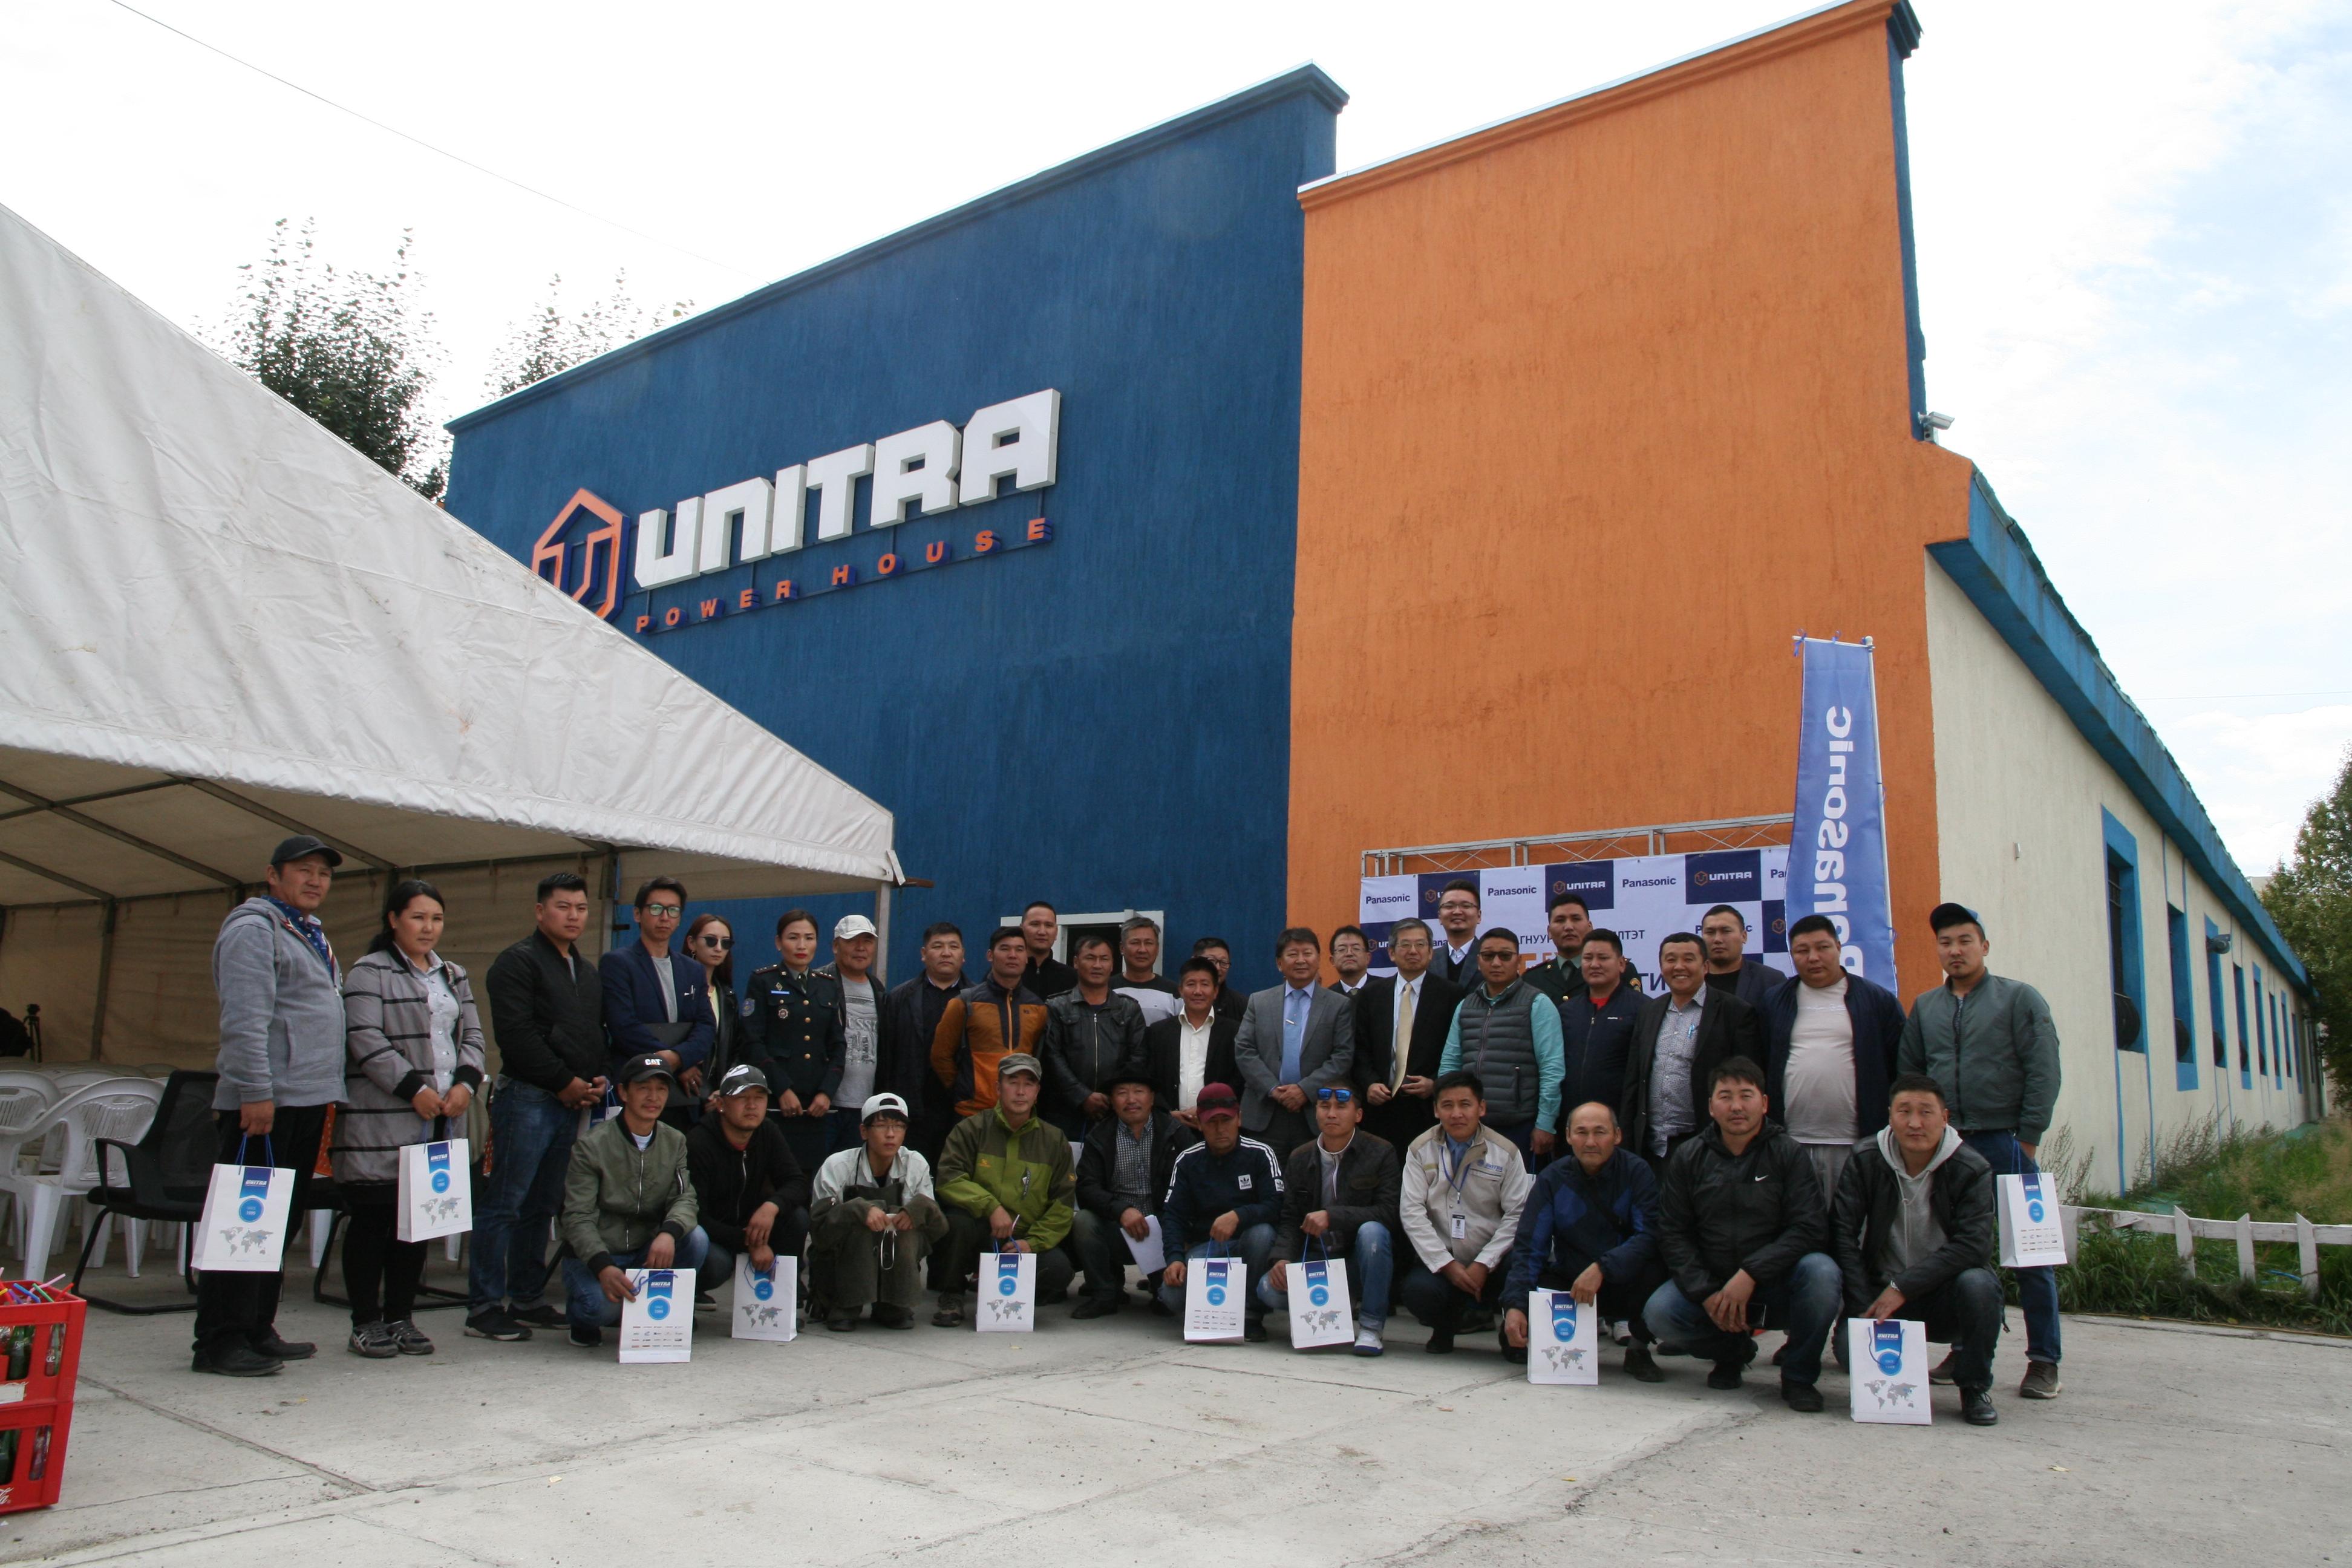 Юнитра компани Панасоник корпорацитай хамтран гагнуурын өдөрлөгийн арга хэмжээг амжилттай зохион байгууллаа...